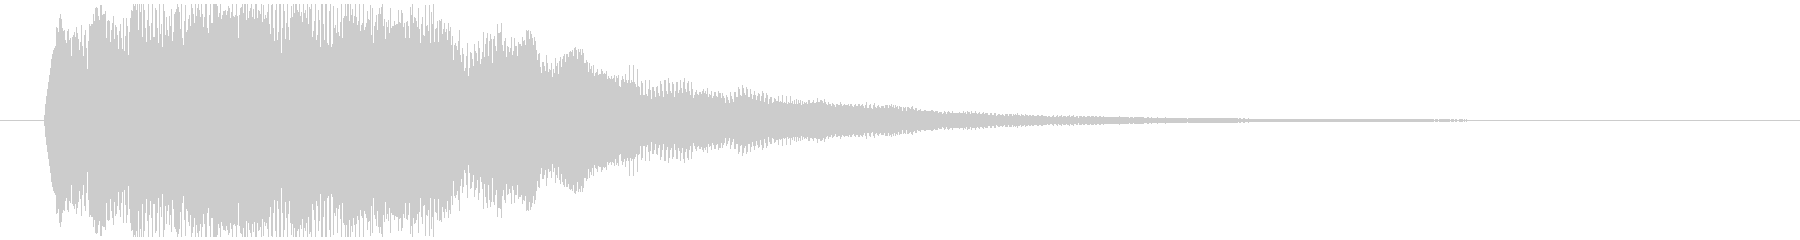 サウンドロゴ、場面転換、アイキャッチ等の未再生の波形